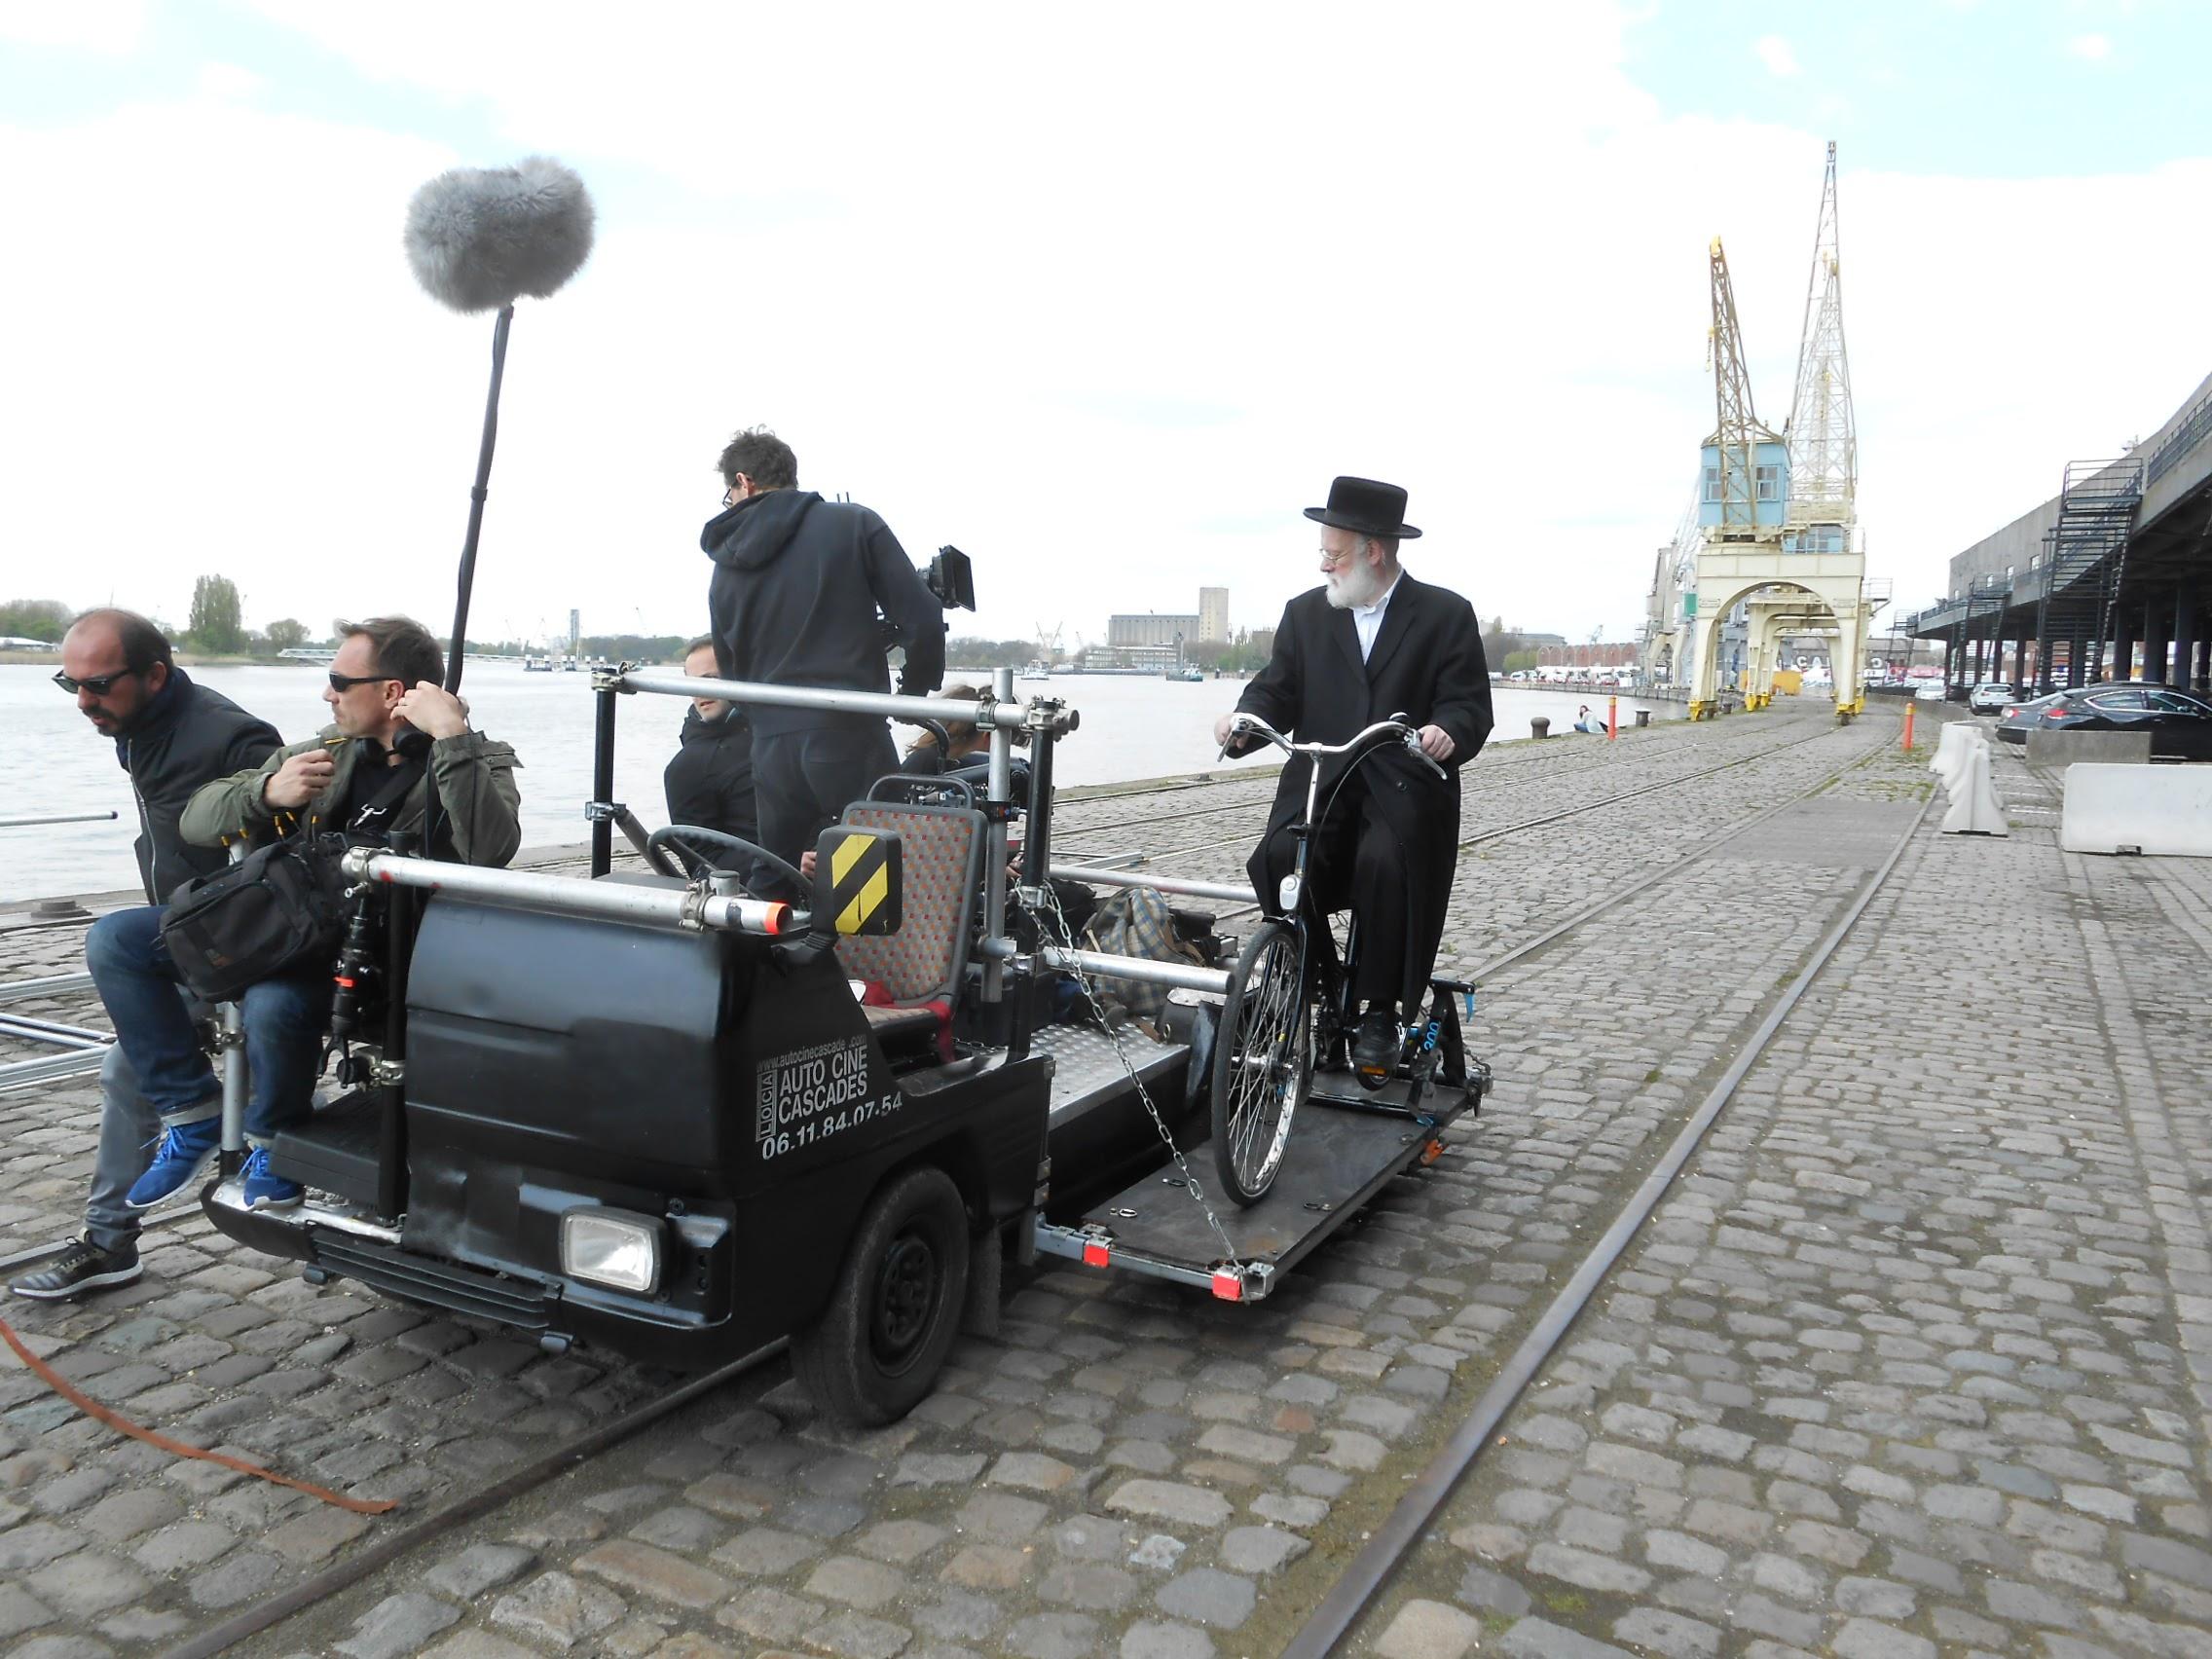 tournage-docu-fiction-anvers-alexis-veller-8